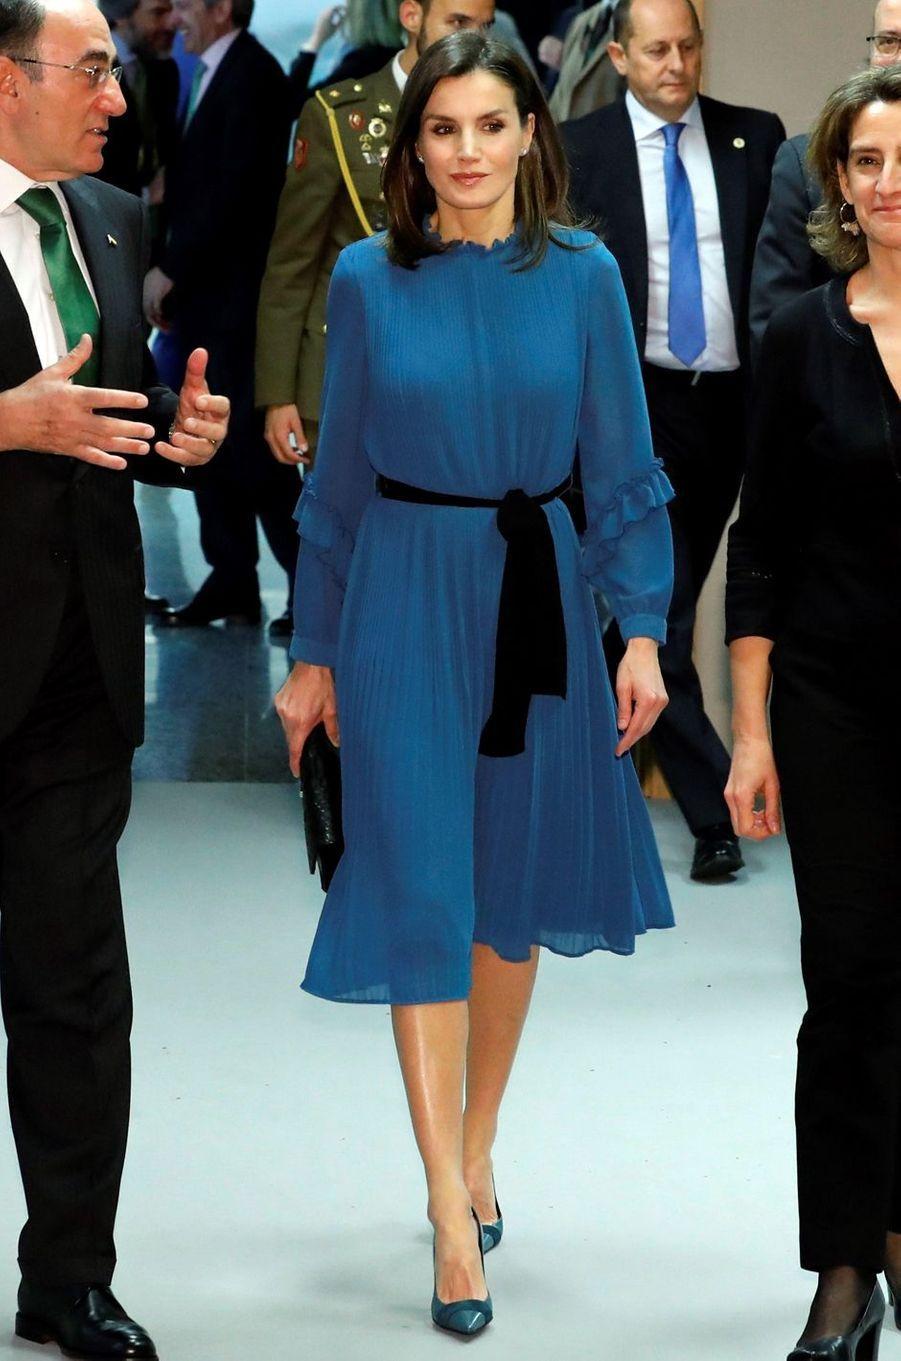 La reine Letizia d'Espagne, le 31 janvier 2019 à Madrid